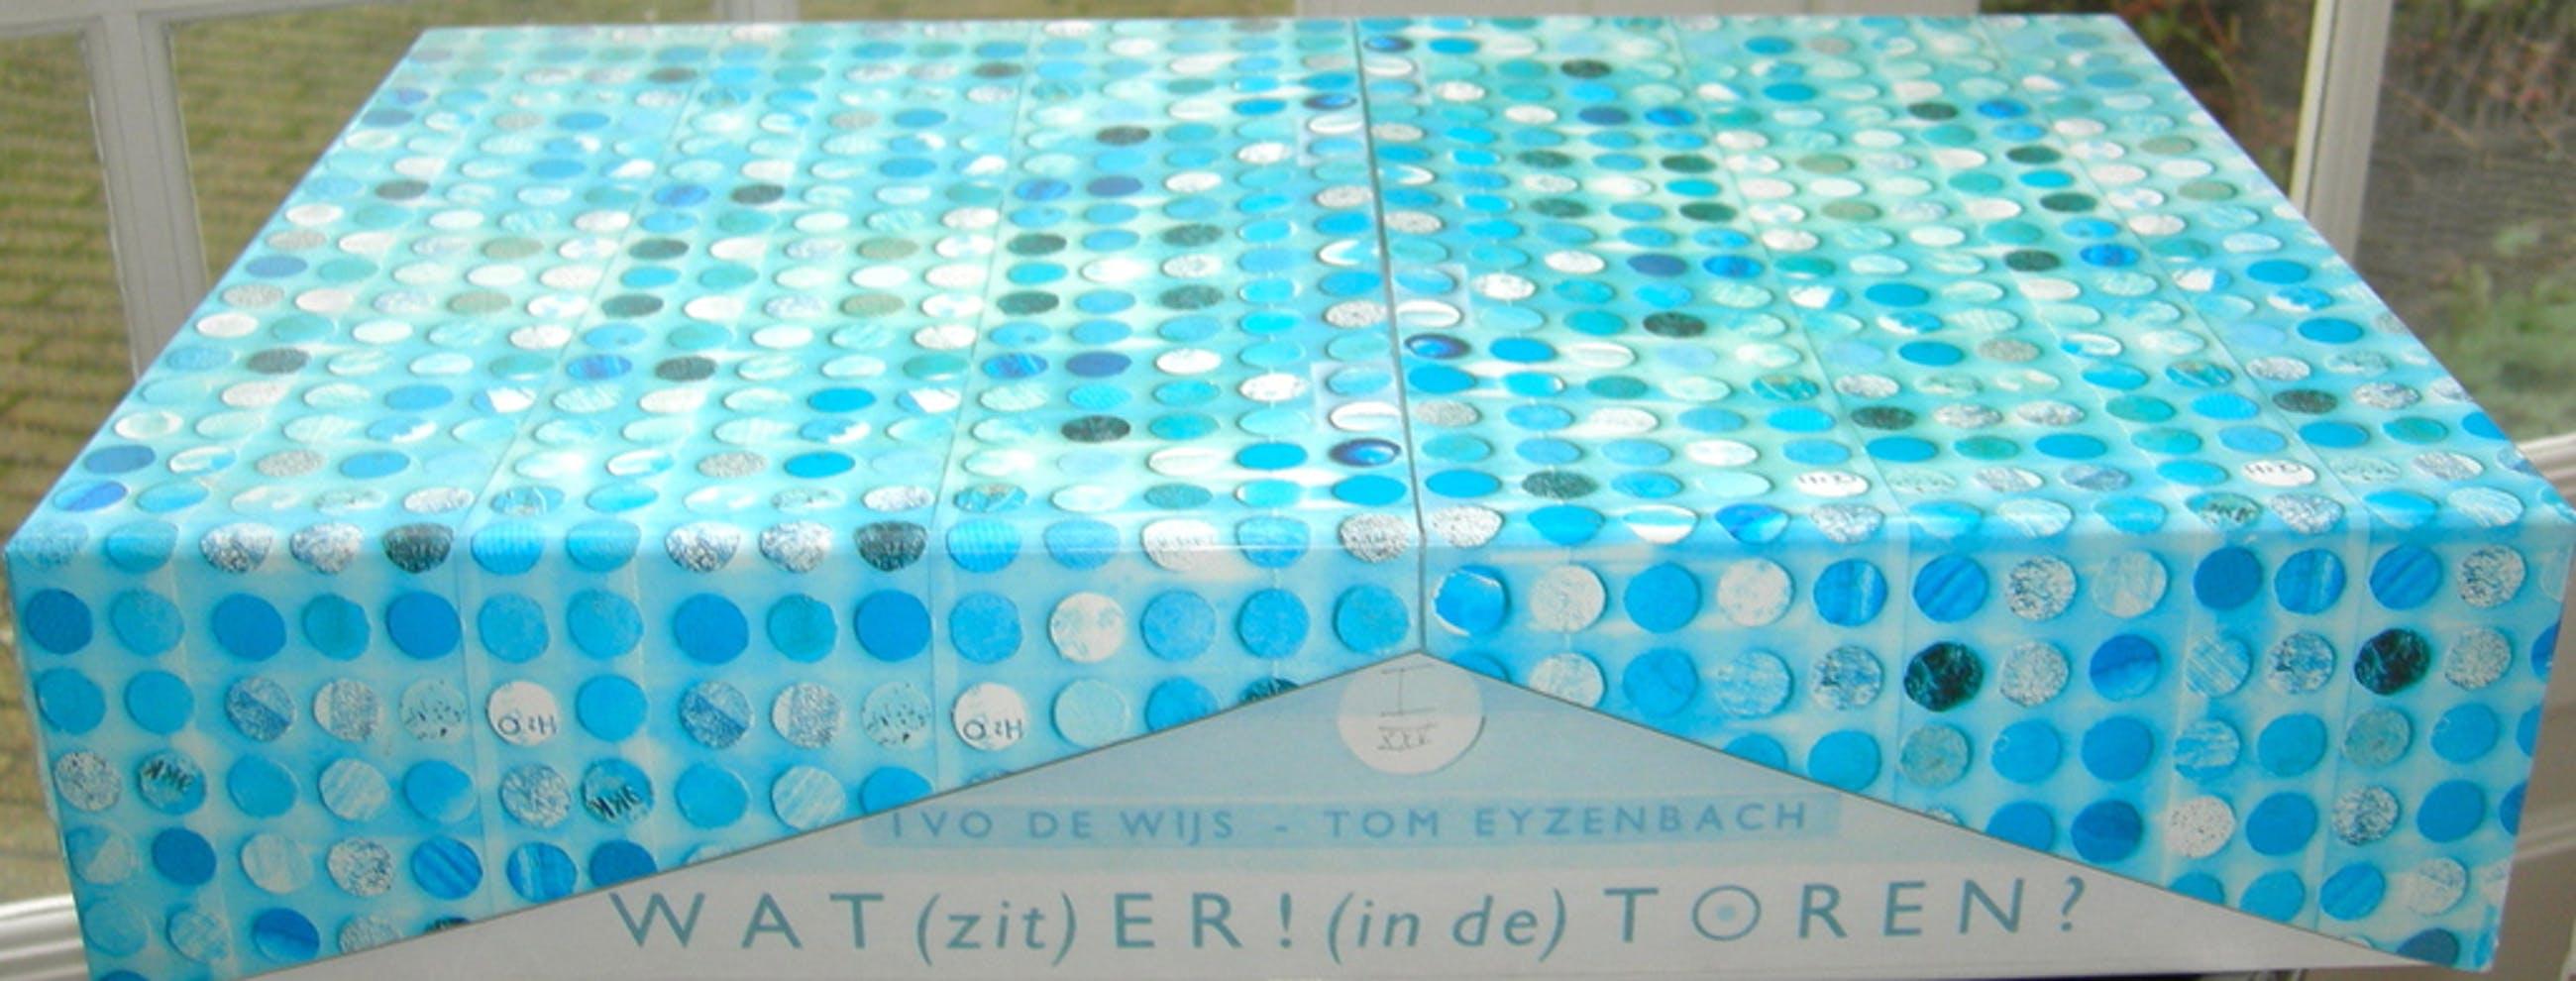 Tom Eyzenbach, ets in De WaterkunstBH2OX kopen? Bied vanaf 50!